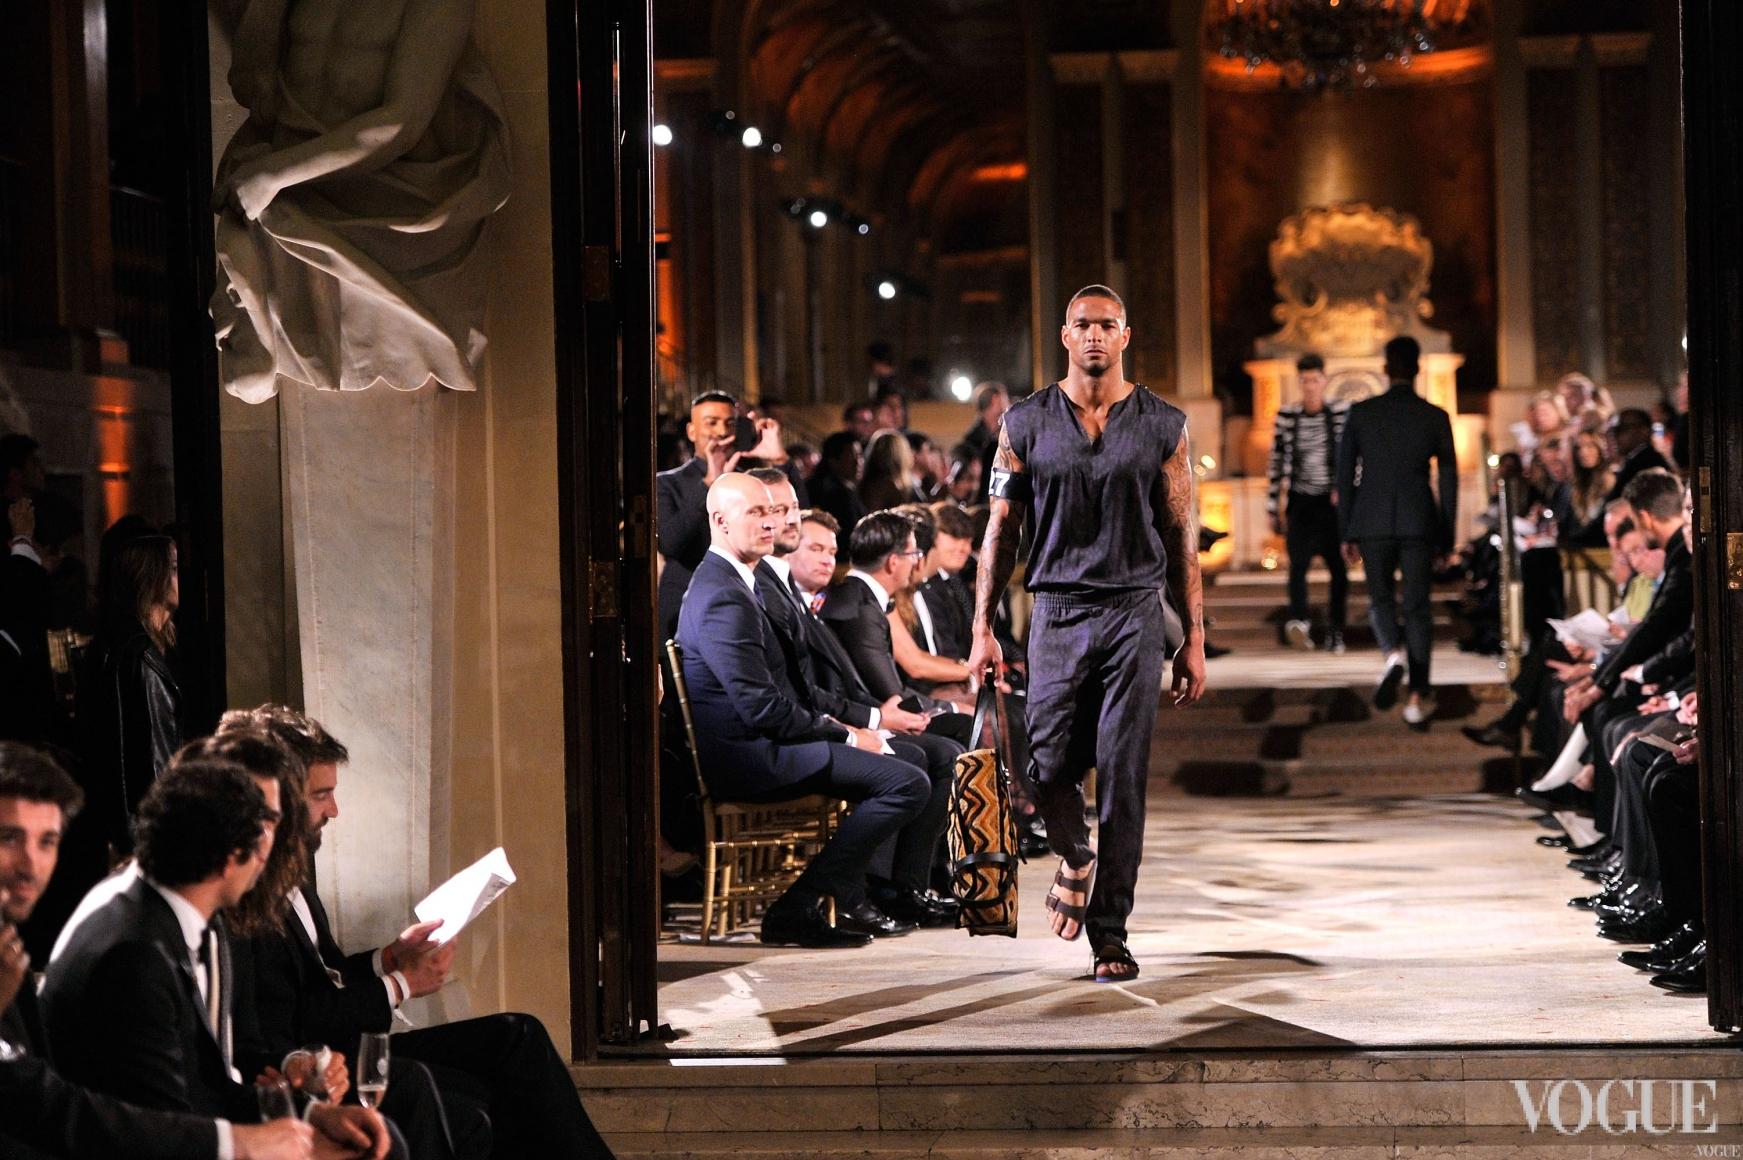 Показ во время amfAR Inspiration Gala в Нью-Йорке